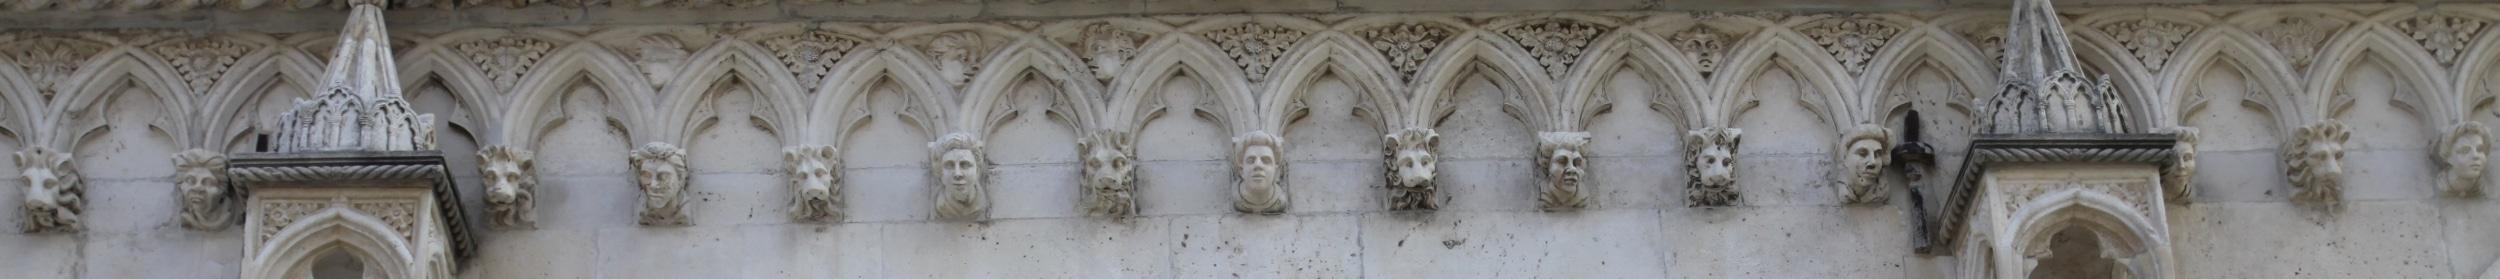 Fryz w katedrze w Szybeniku